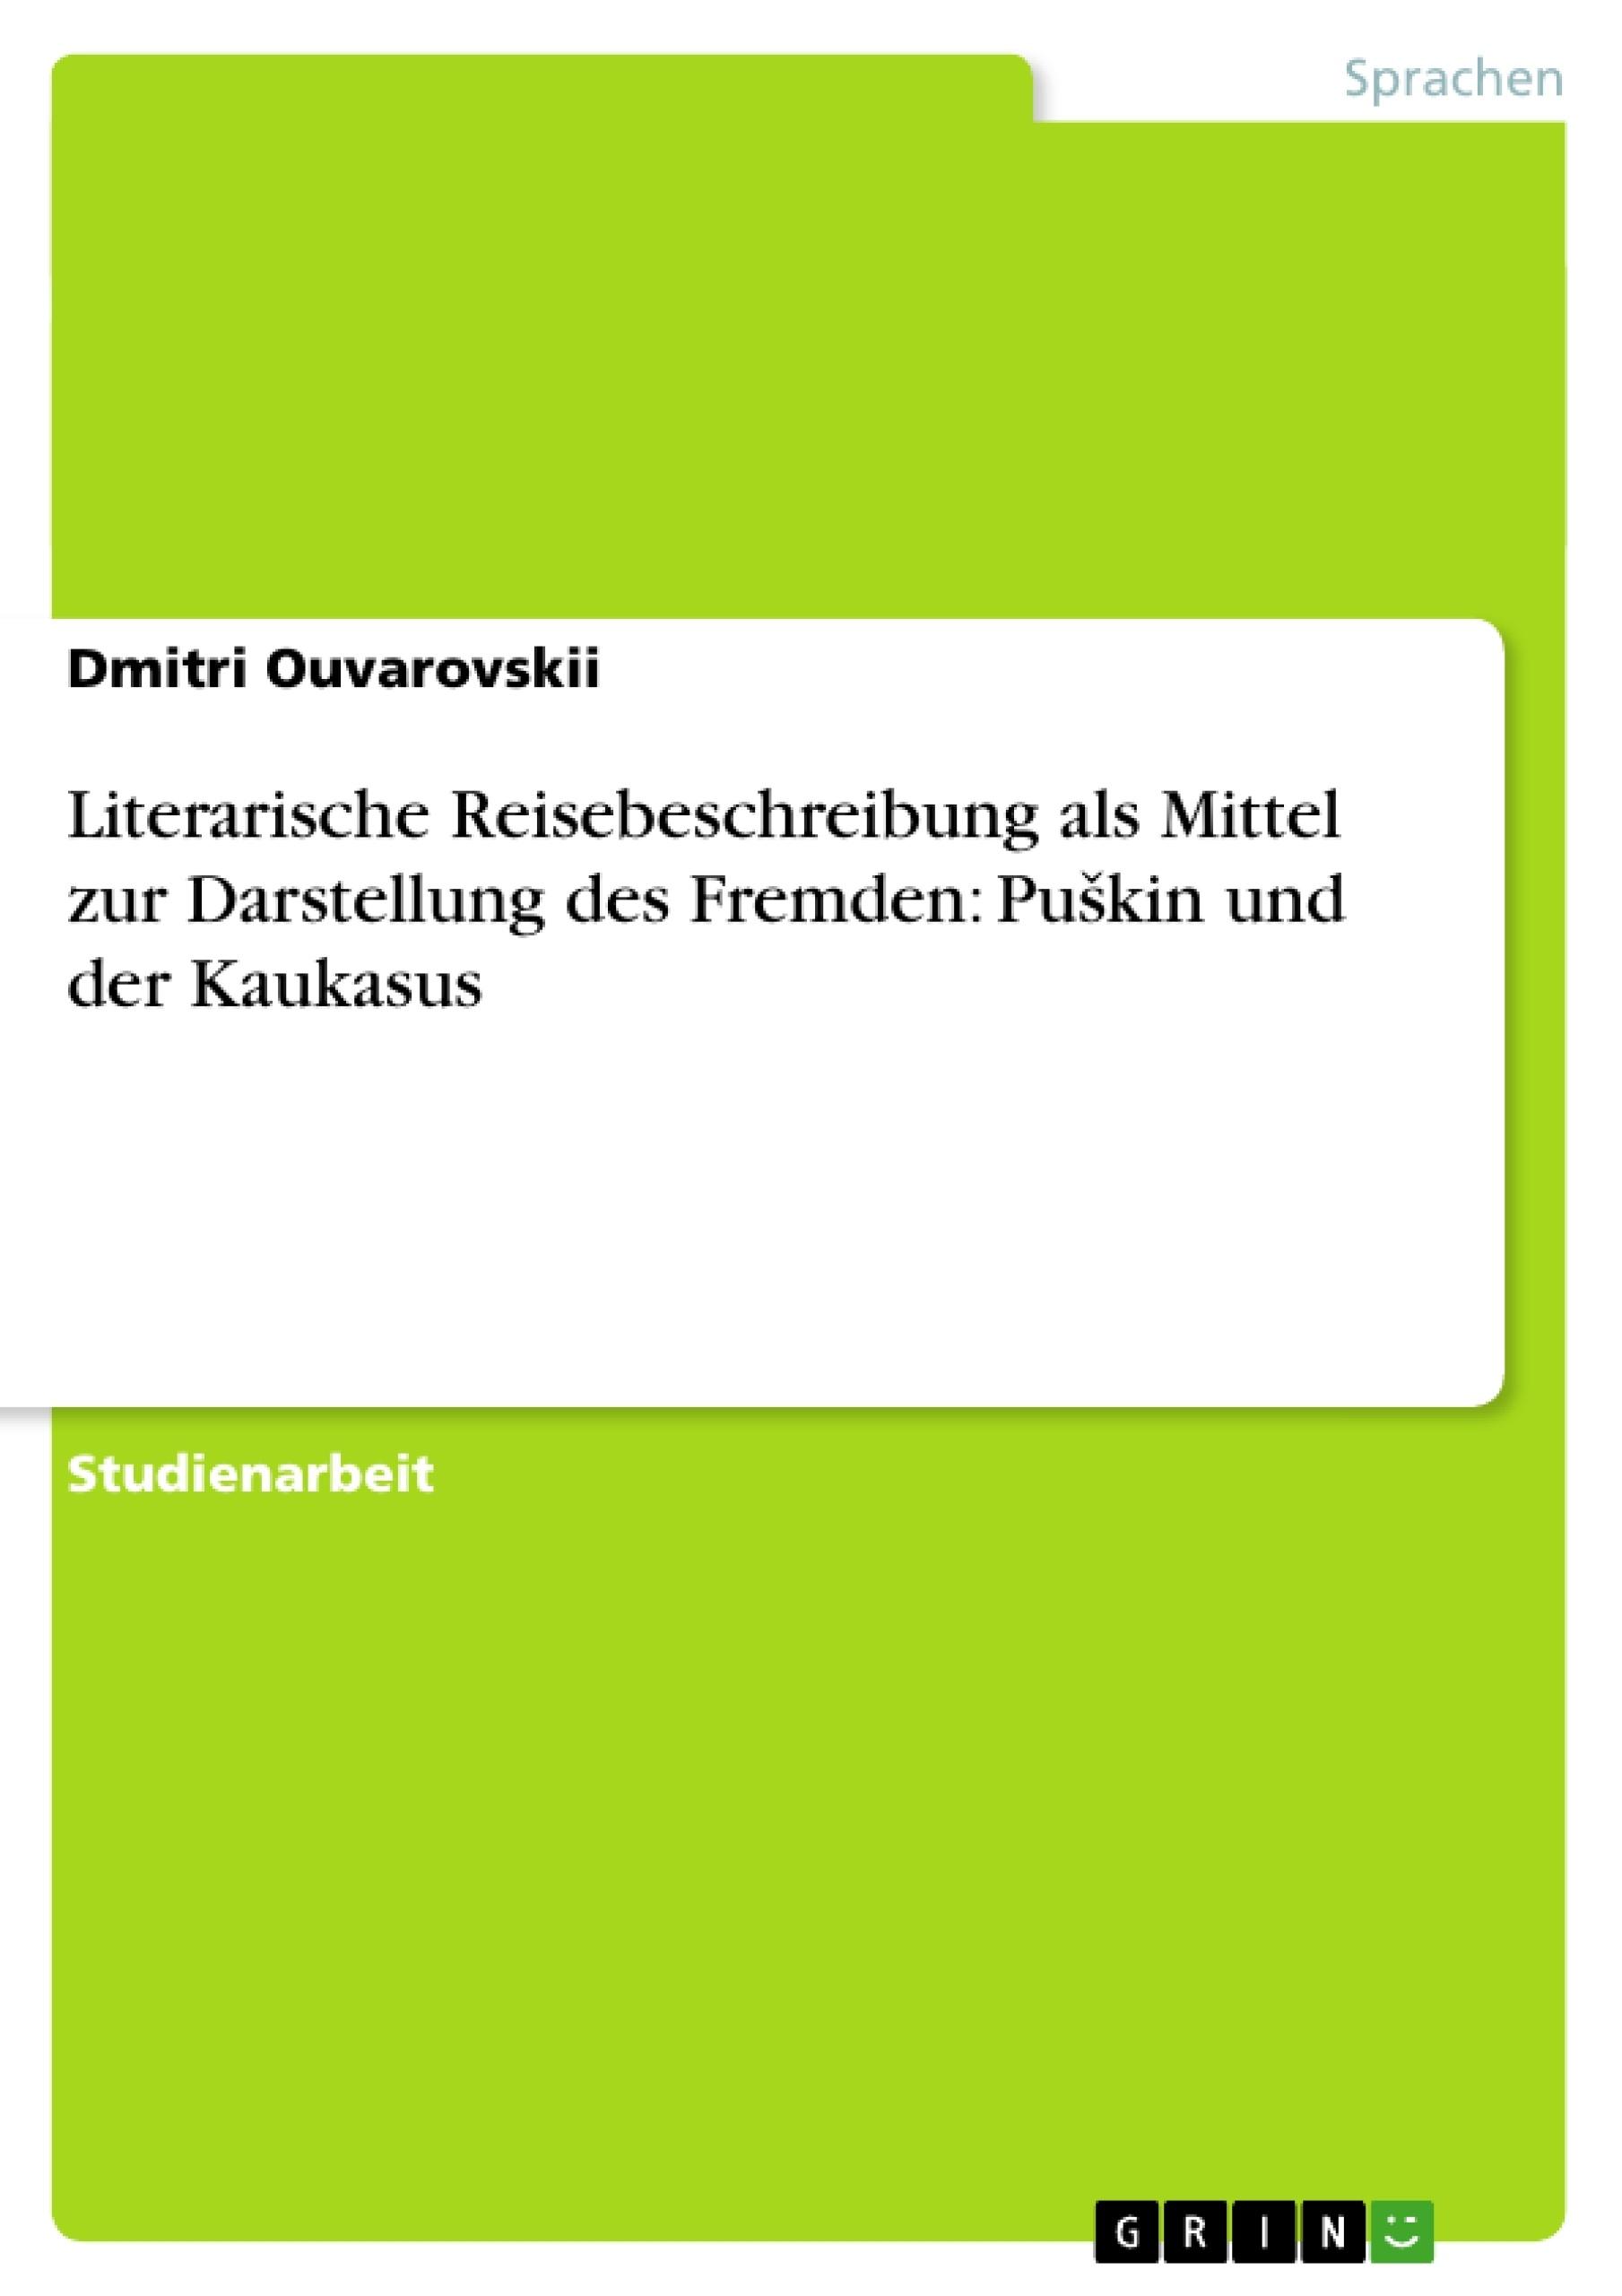 Titel: Literarische Reisebeschreibung als Mittel zur Darstellung des Fremden: Puškin und der Kaukasus